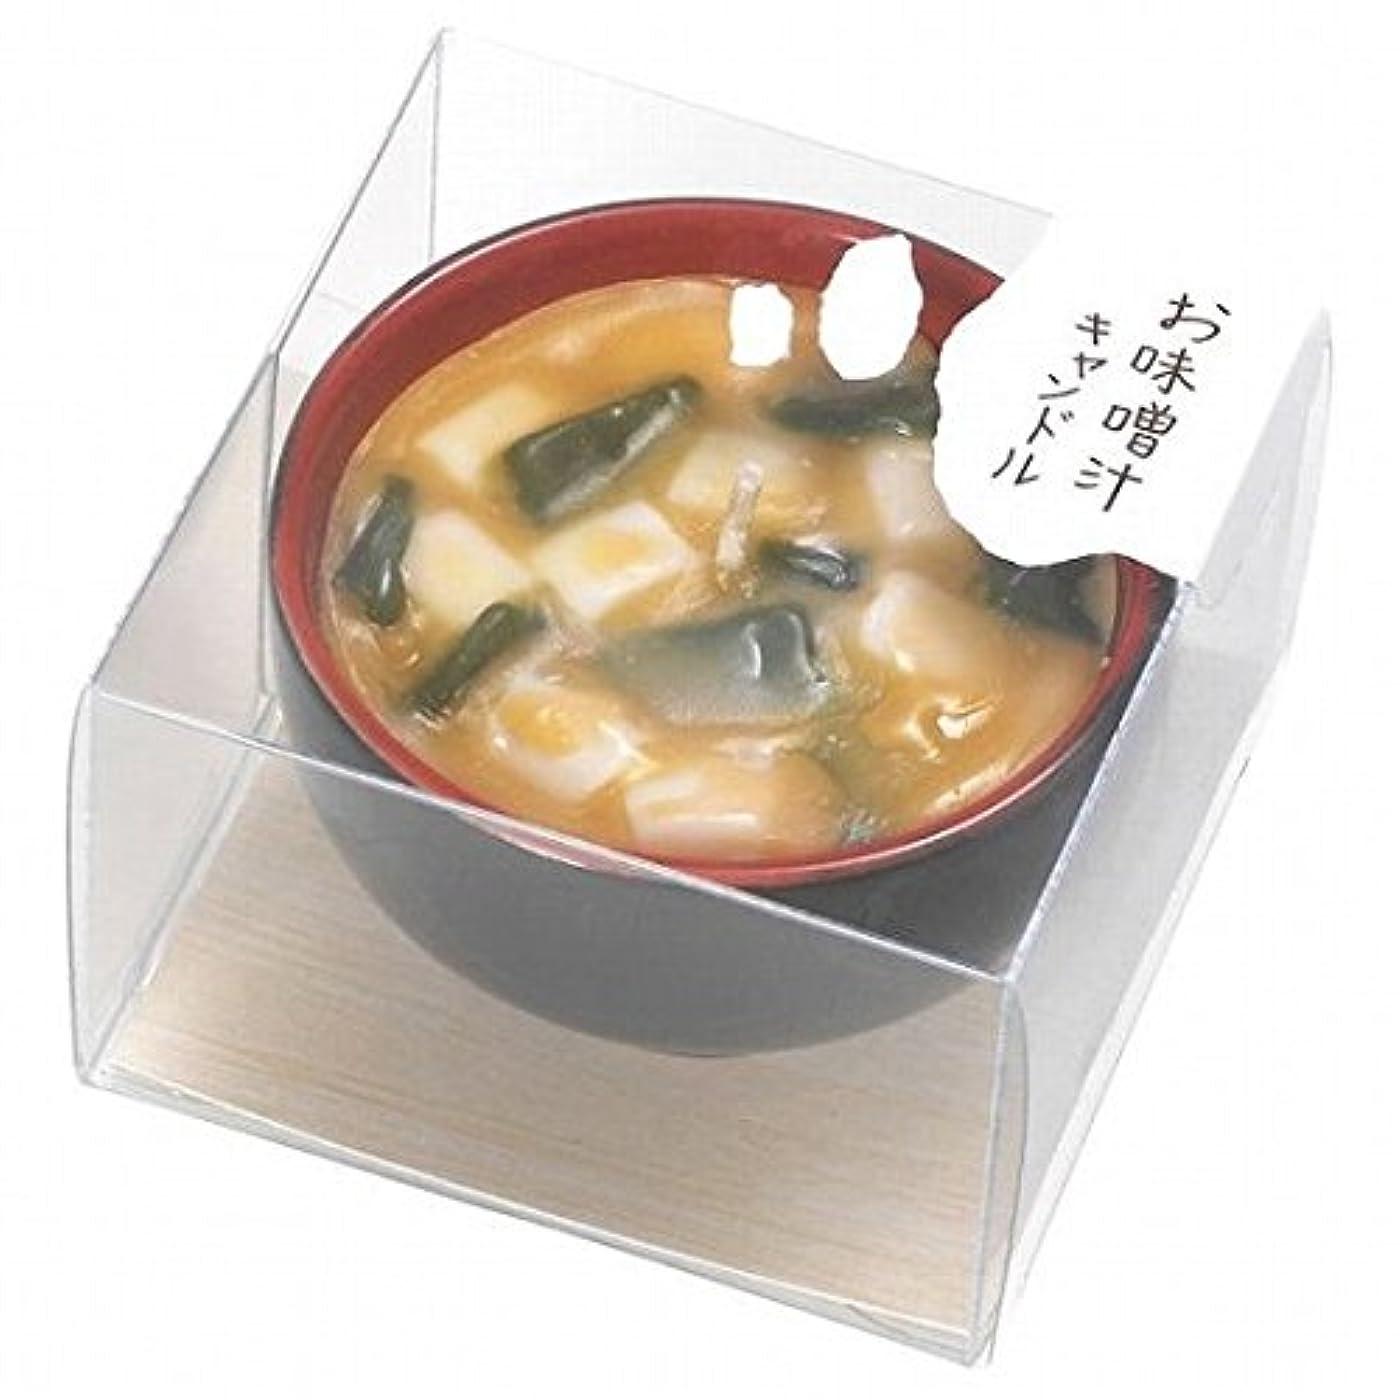 作る成熟した一緒kameyama candle(カメヤマキャンドル) お味噌汁キャンドル(86950000)